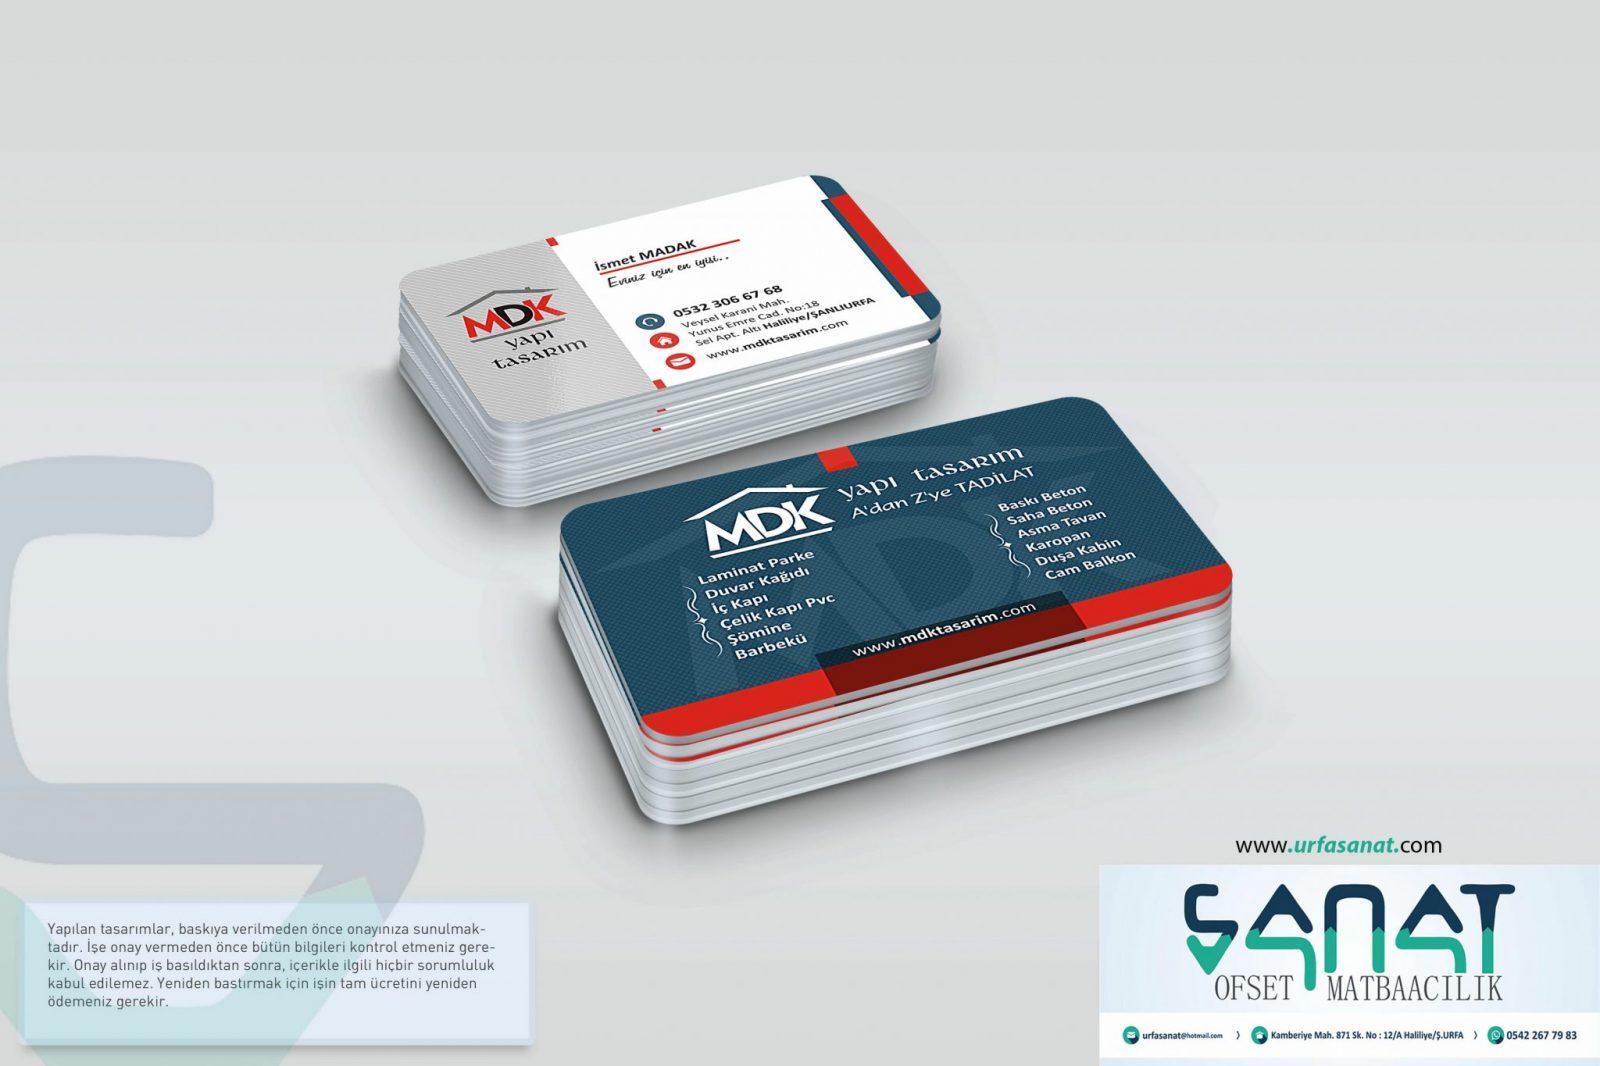 Kartvizit özel Kalın Kart Ucuz Kartvizit Urfa Matbaa urfada özel kartvizit basan matbaa